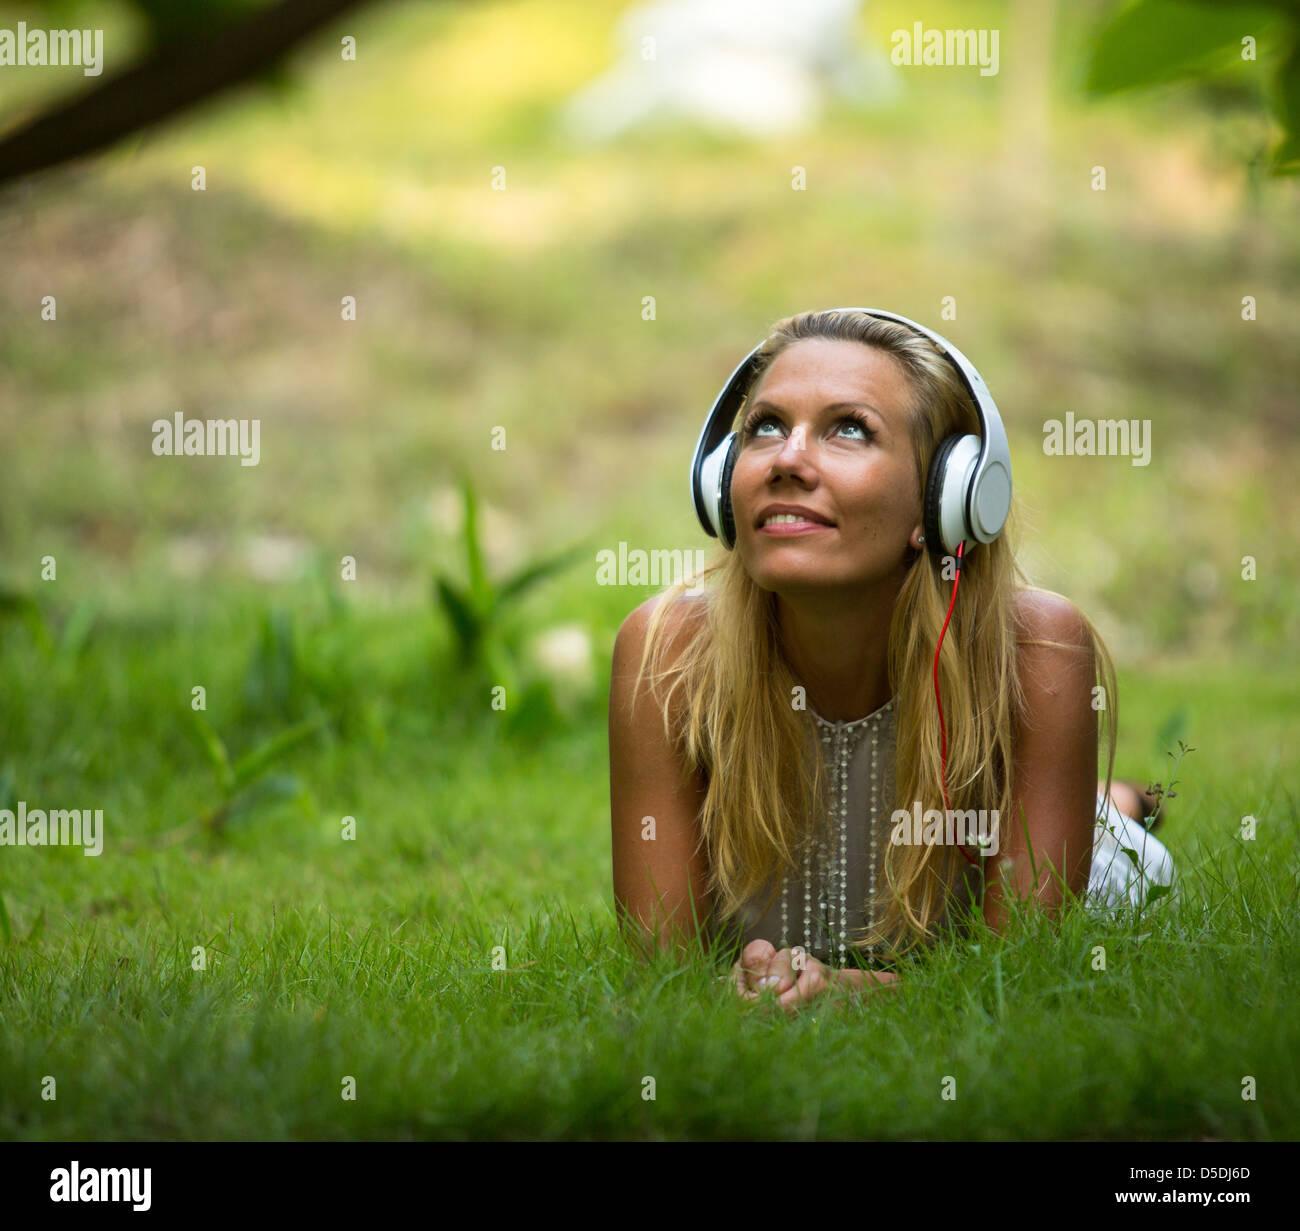 Glück-Mädchen mit Kopfhörern genießen Natur und Musik am sonnigen Tag Stockbild